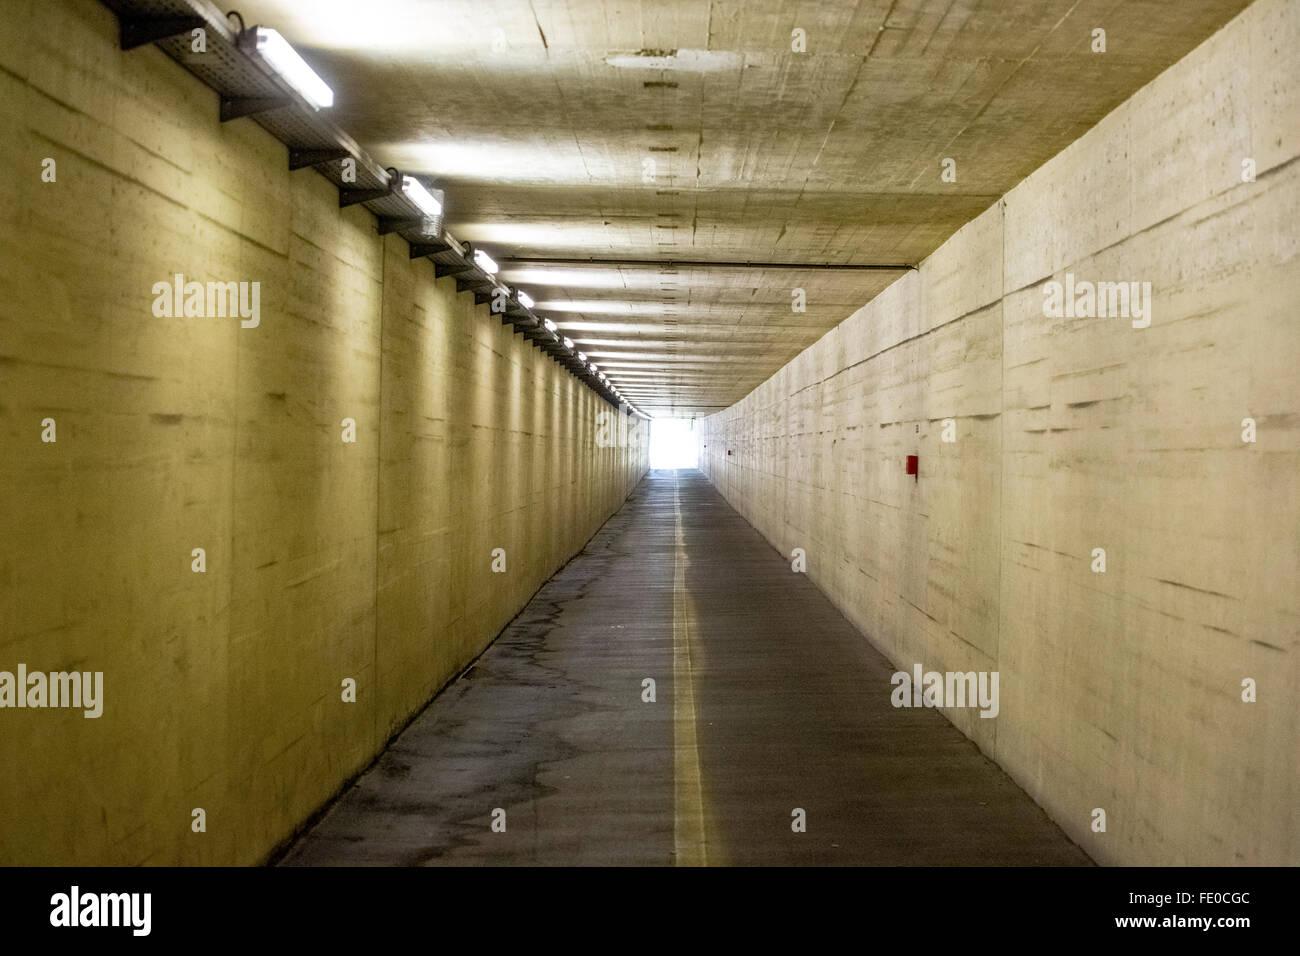 Tunnel, Flughafentunnel Salzburg, Salzburg, l'anxiété du tunnel, Salzburg, Autriche, Europe, vue aérienne, Photo Stock